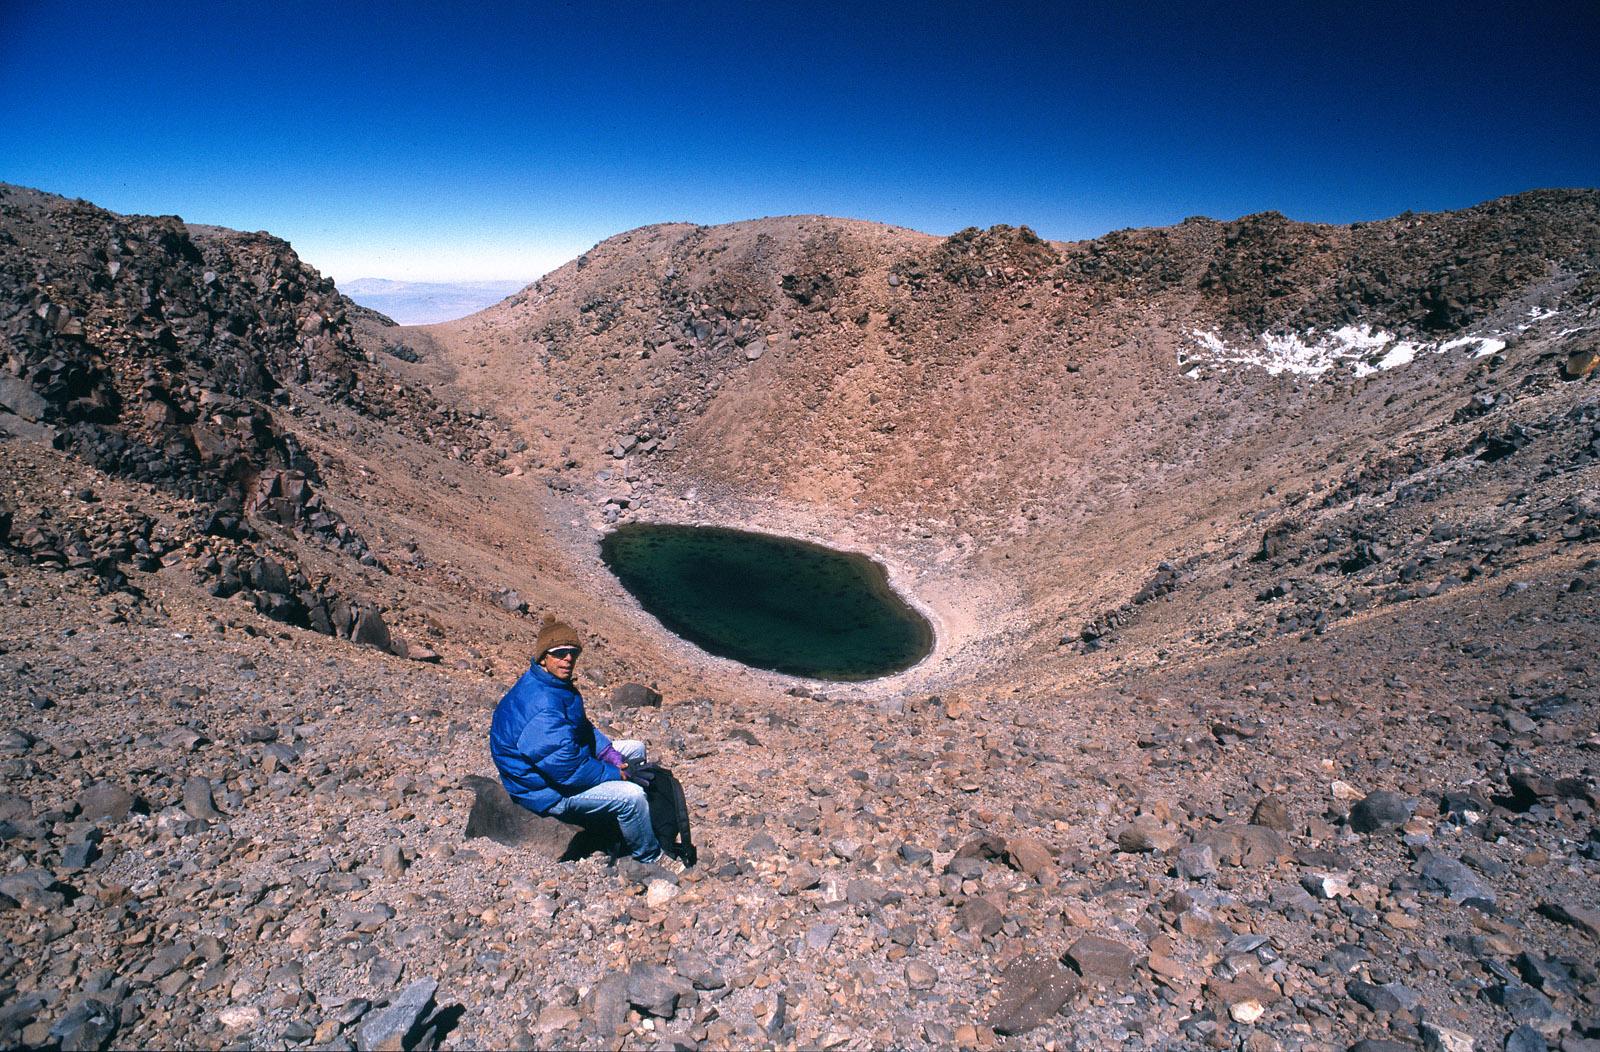 Hombre sentado frente a laguna en la cima de un volcán